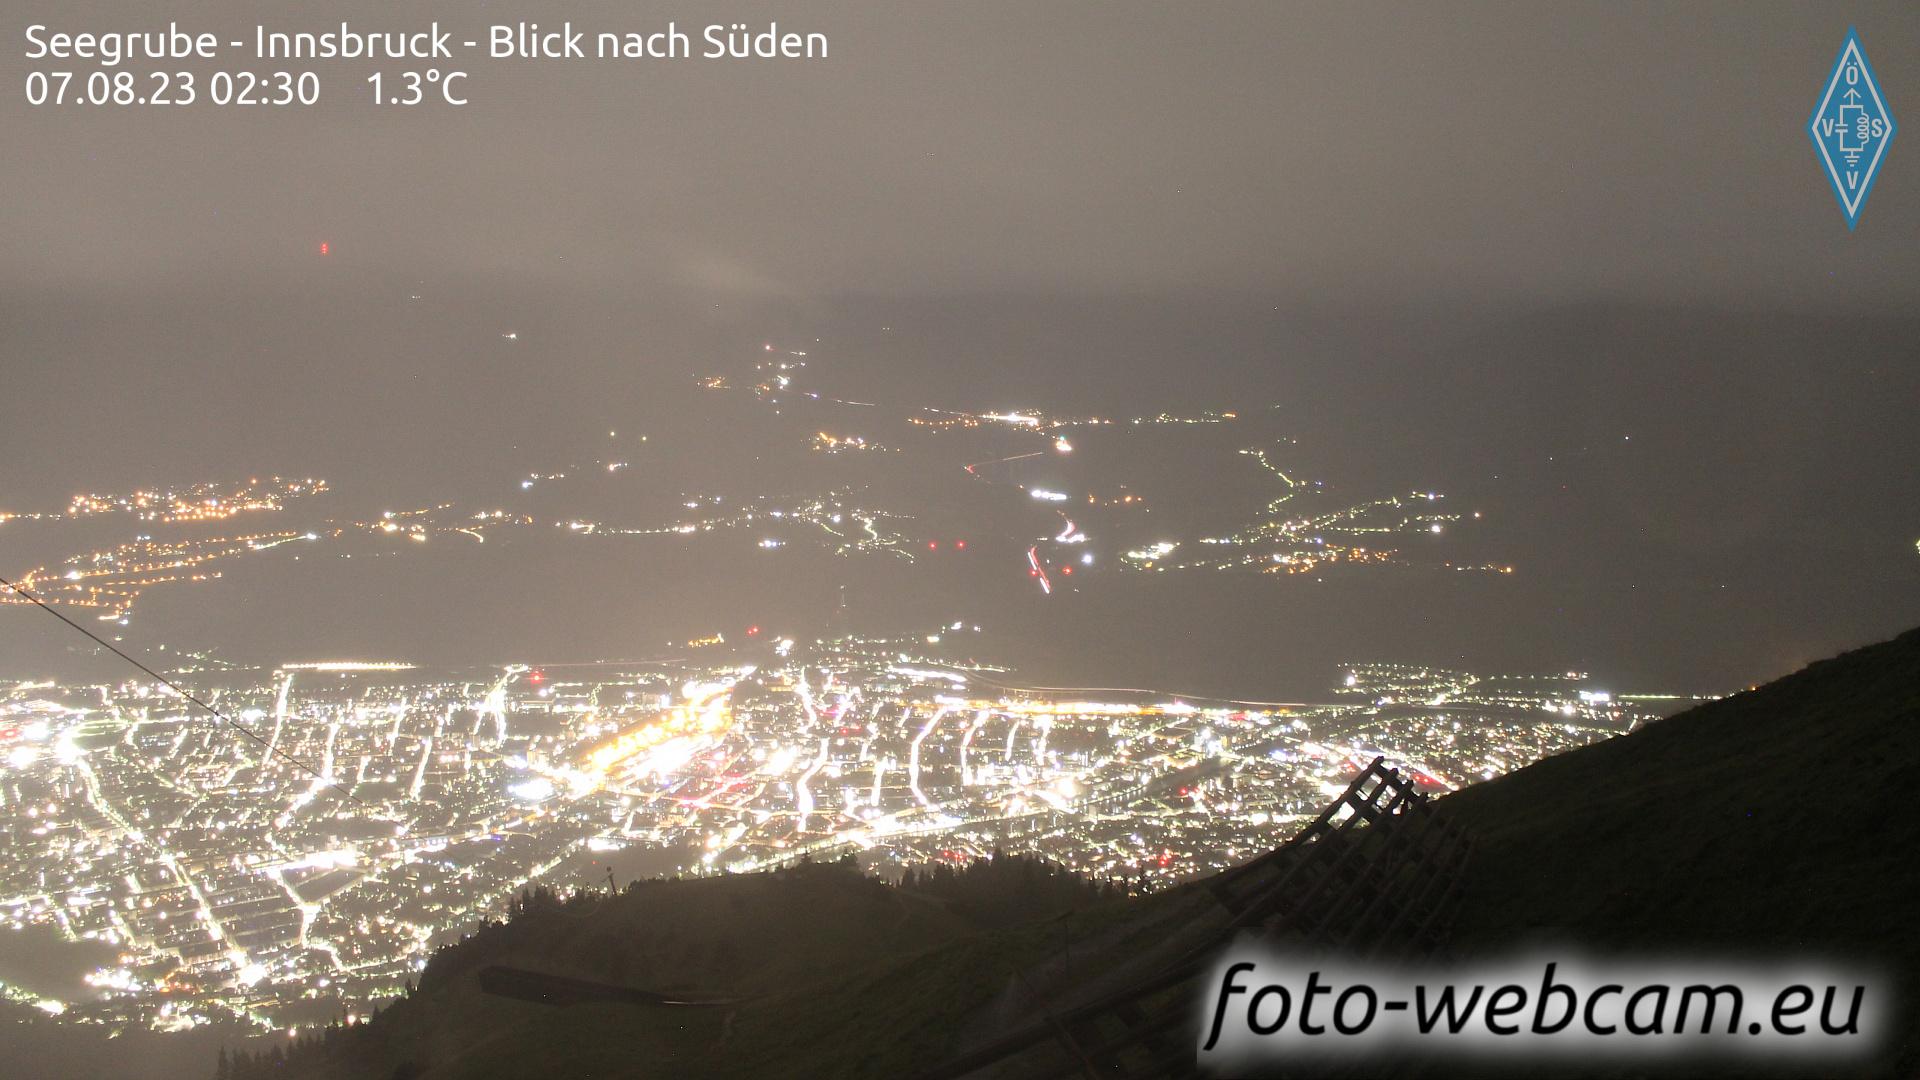 Innsbruck Thu. 02:18